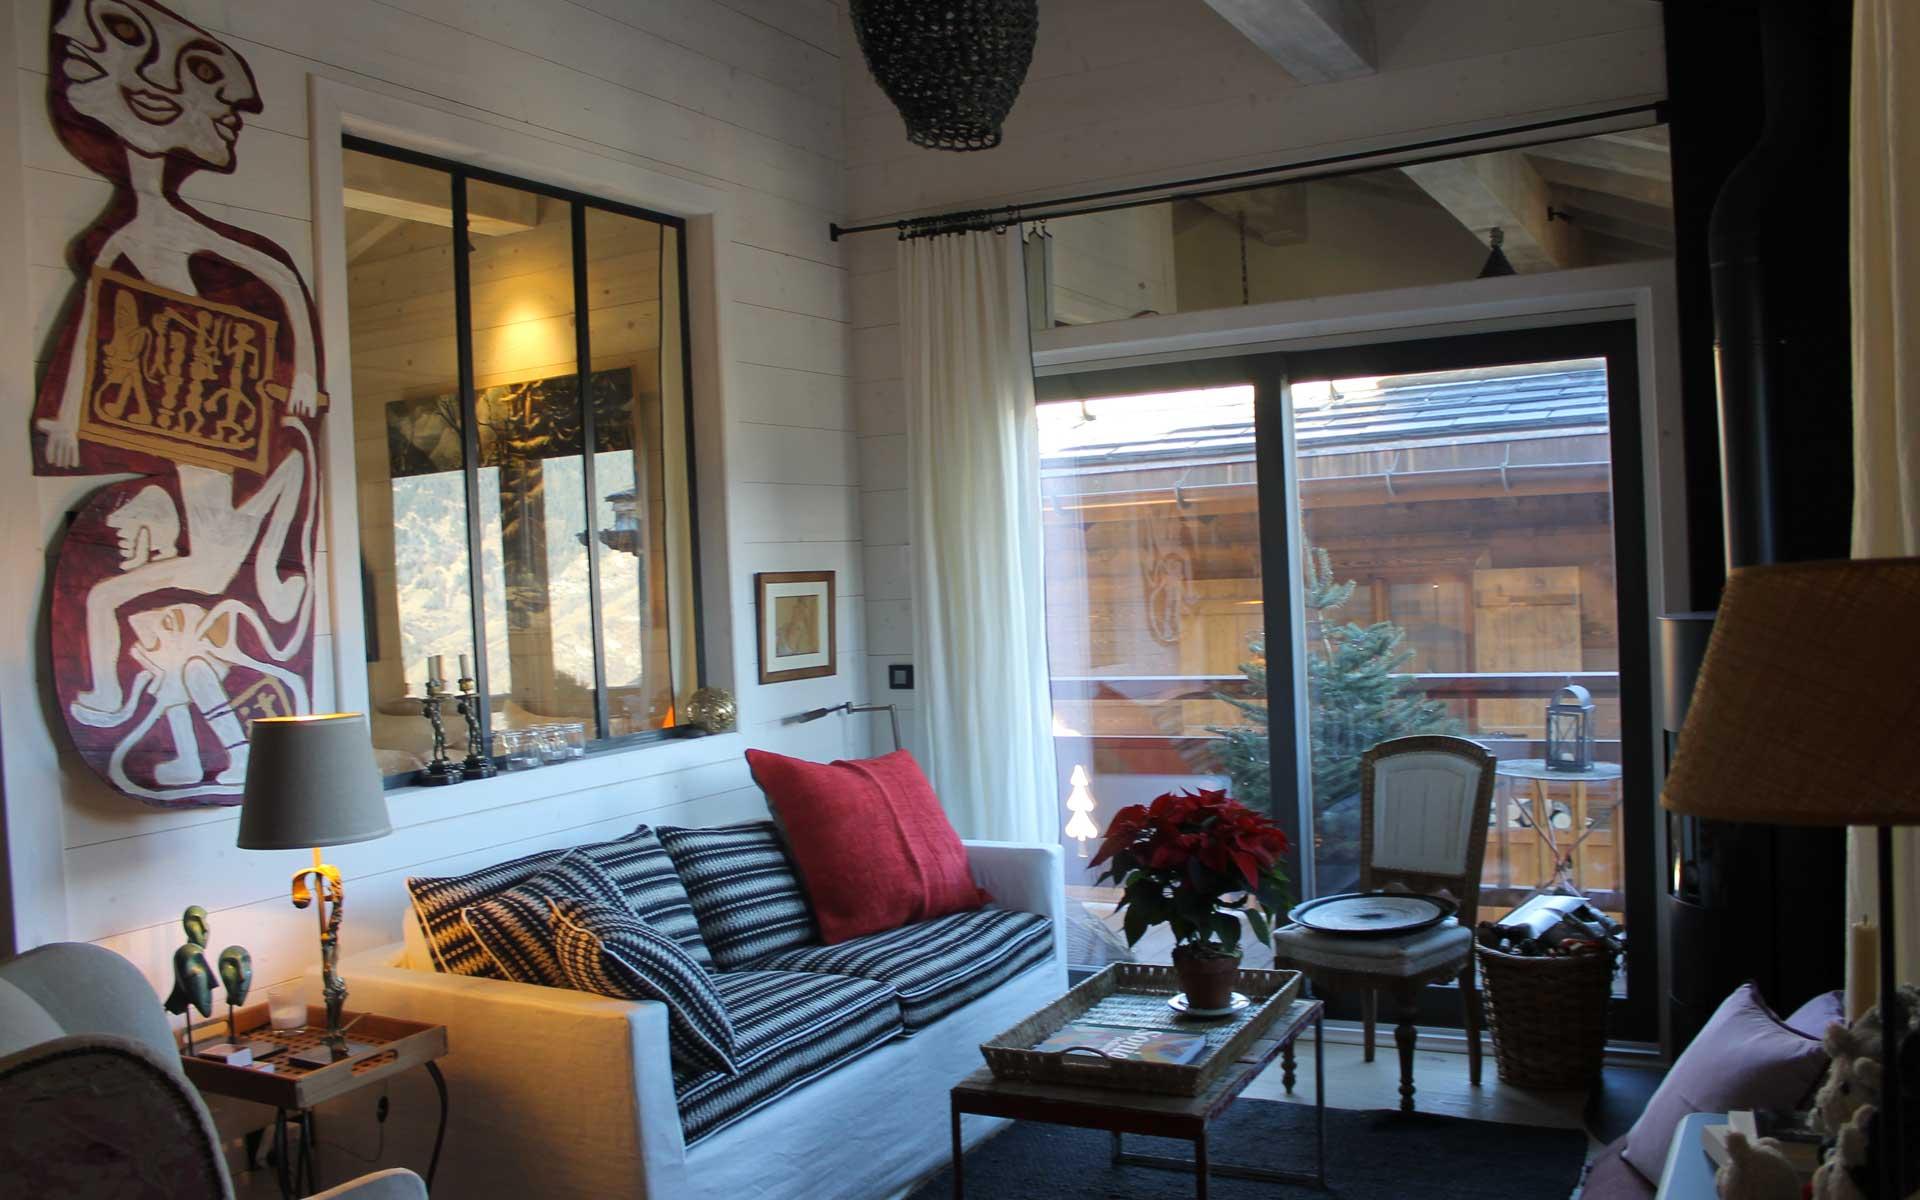 apparatement-26-les-cles-blanches-conciergerie-maintenance-location-appartements